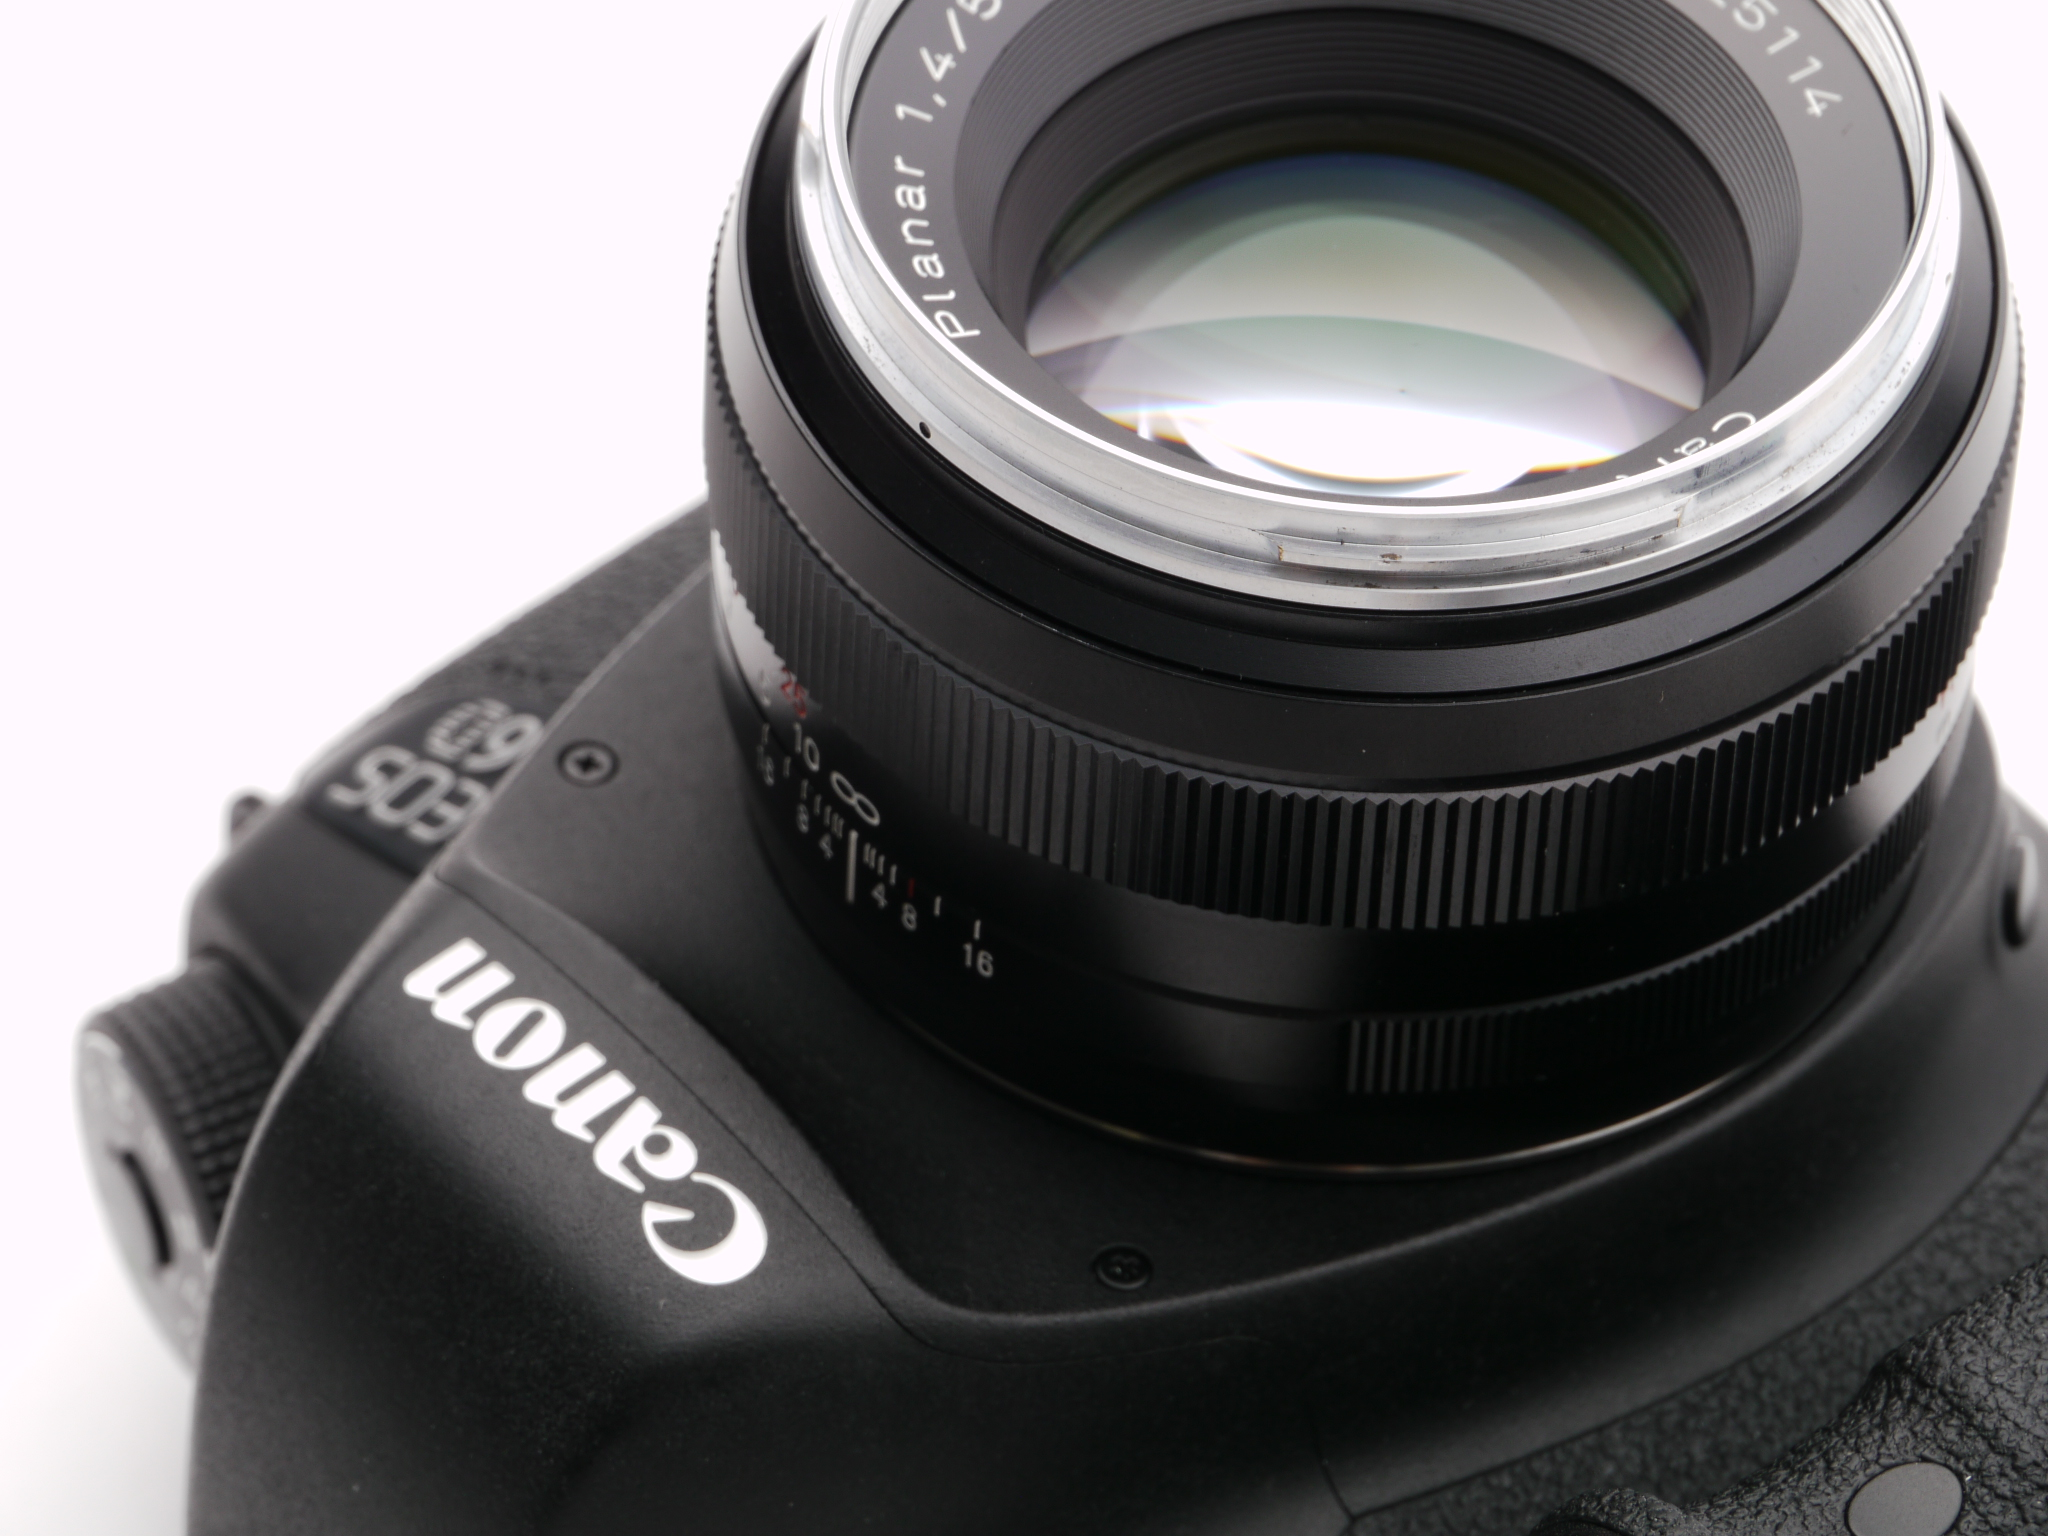 Canon EOS 6D + Carl Zeiss Planar T*50mm F1.4 ZE